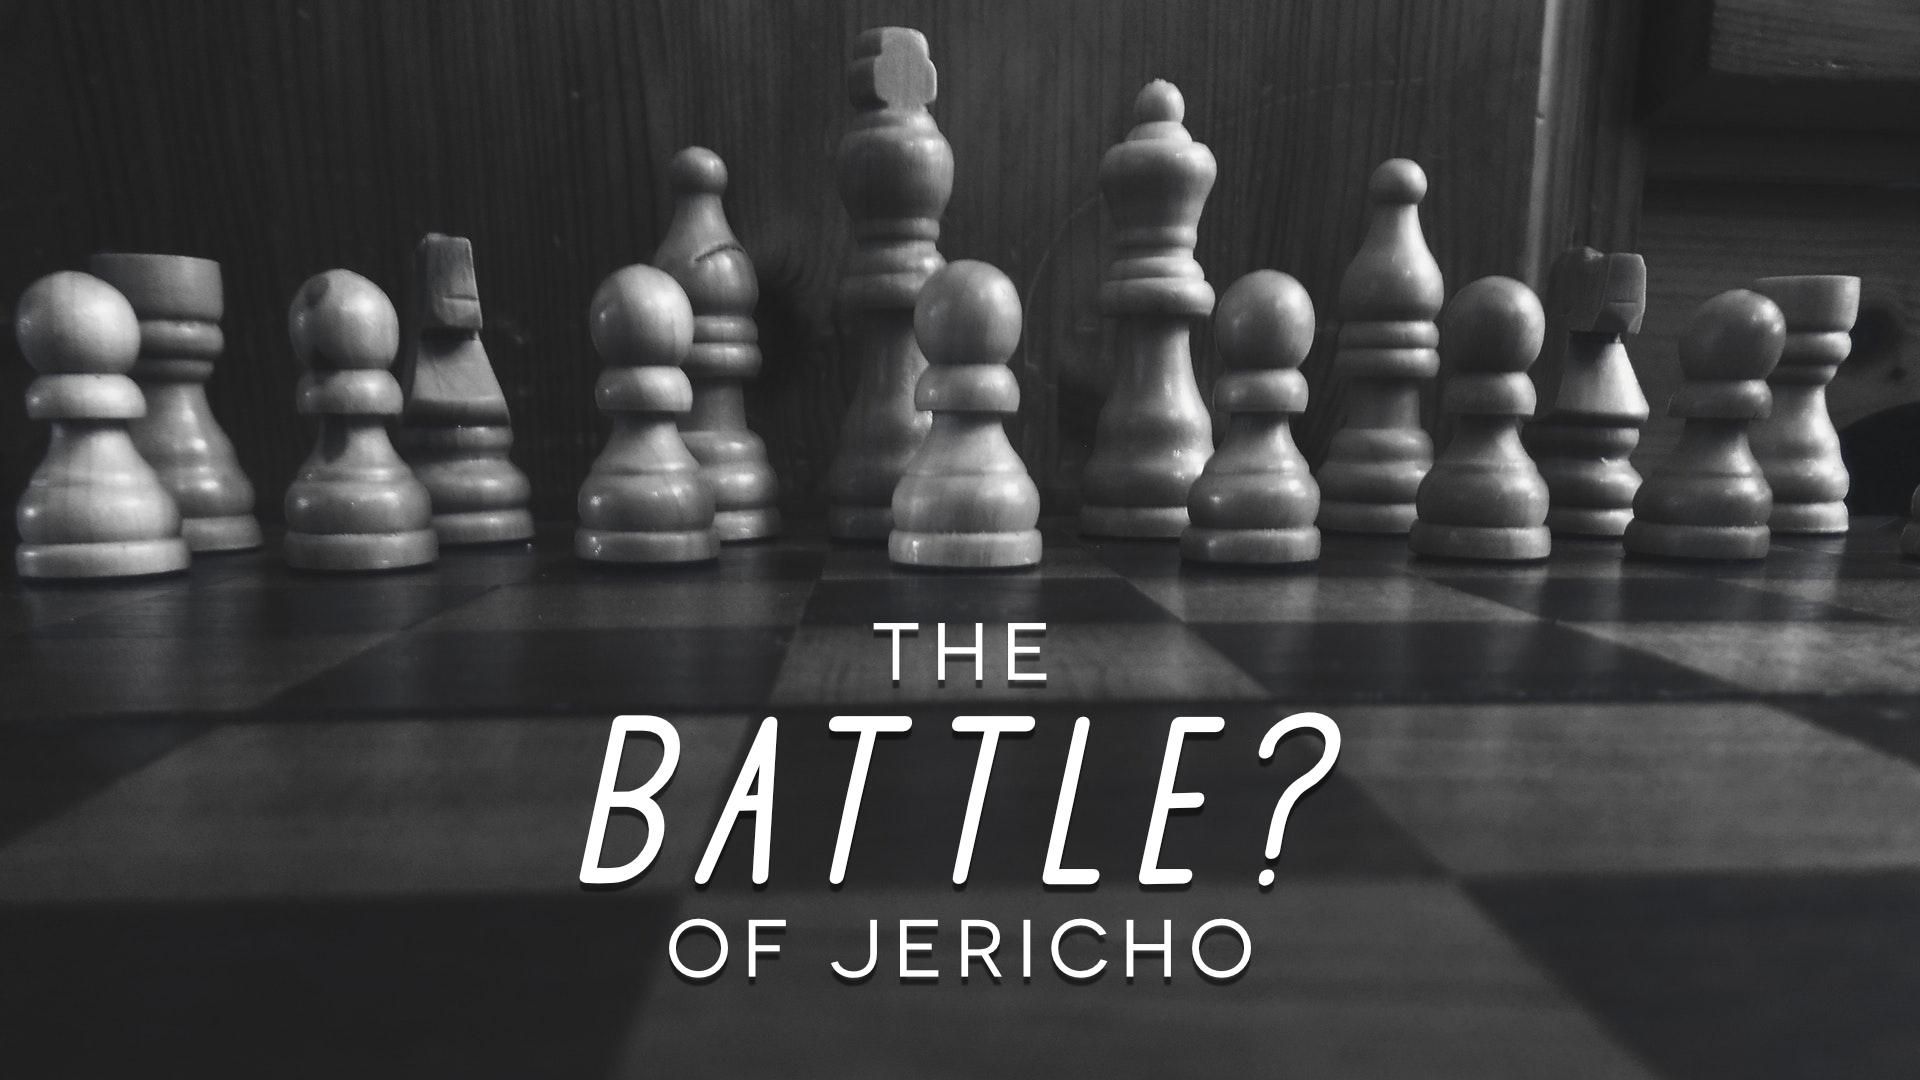 2019-03-03 The Battle of Jericho.jpg